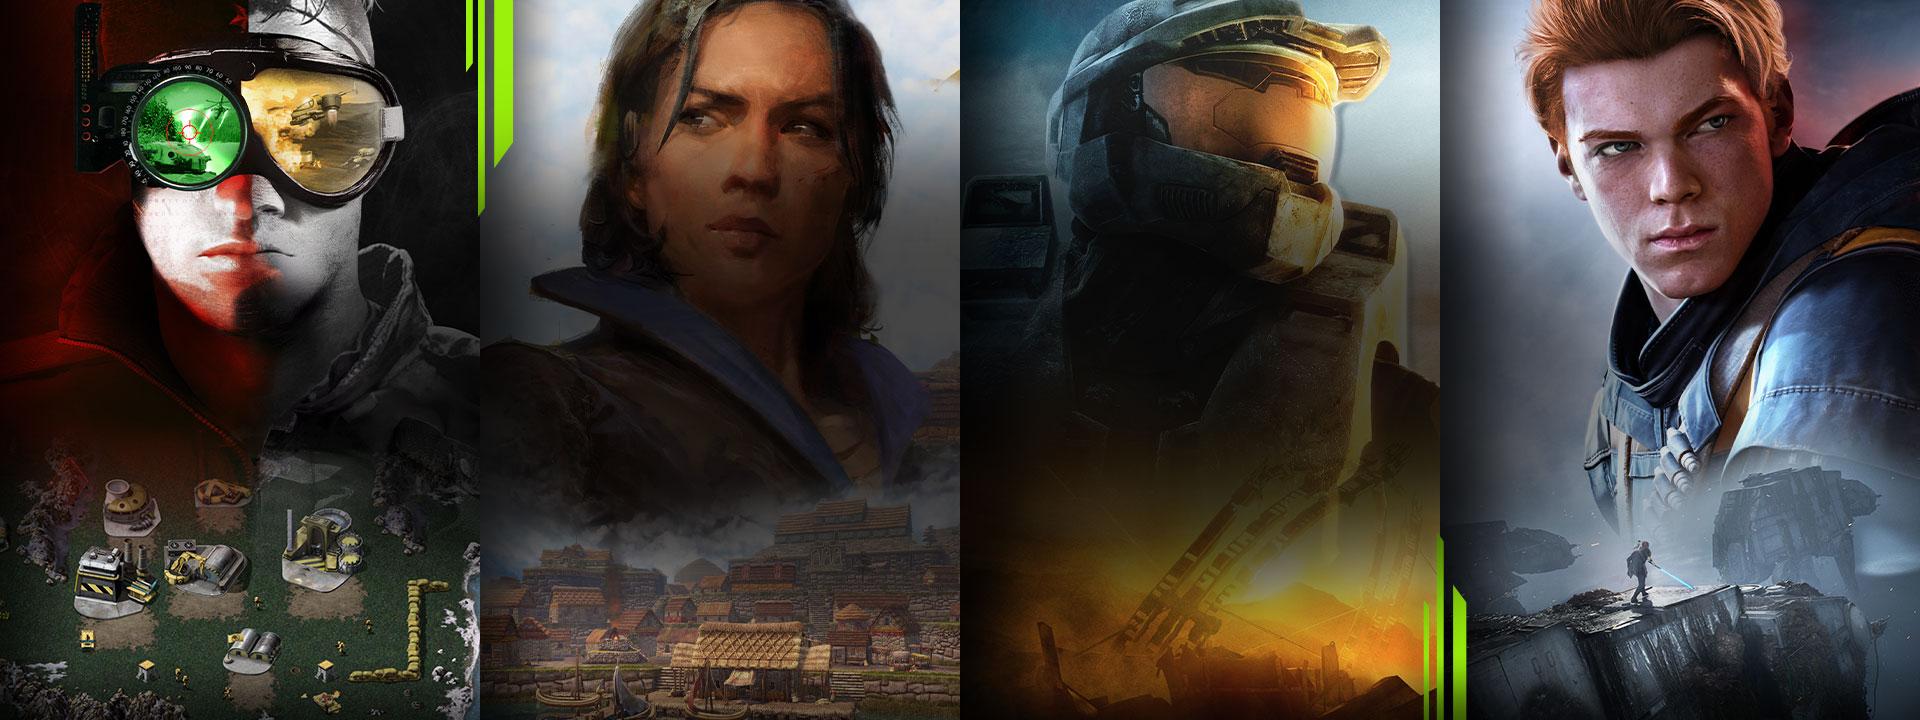 Et utvalg spill tilgjengelig for Xbox Game Pass for PC inkludert Command & Conquer Remastered, Age of Empires III: Definitive Edition, Halo 3 og STAR WARS Jedi: Fallen Order.